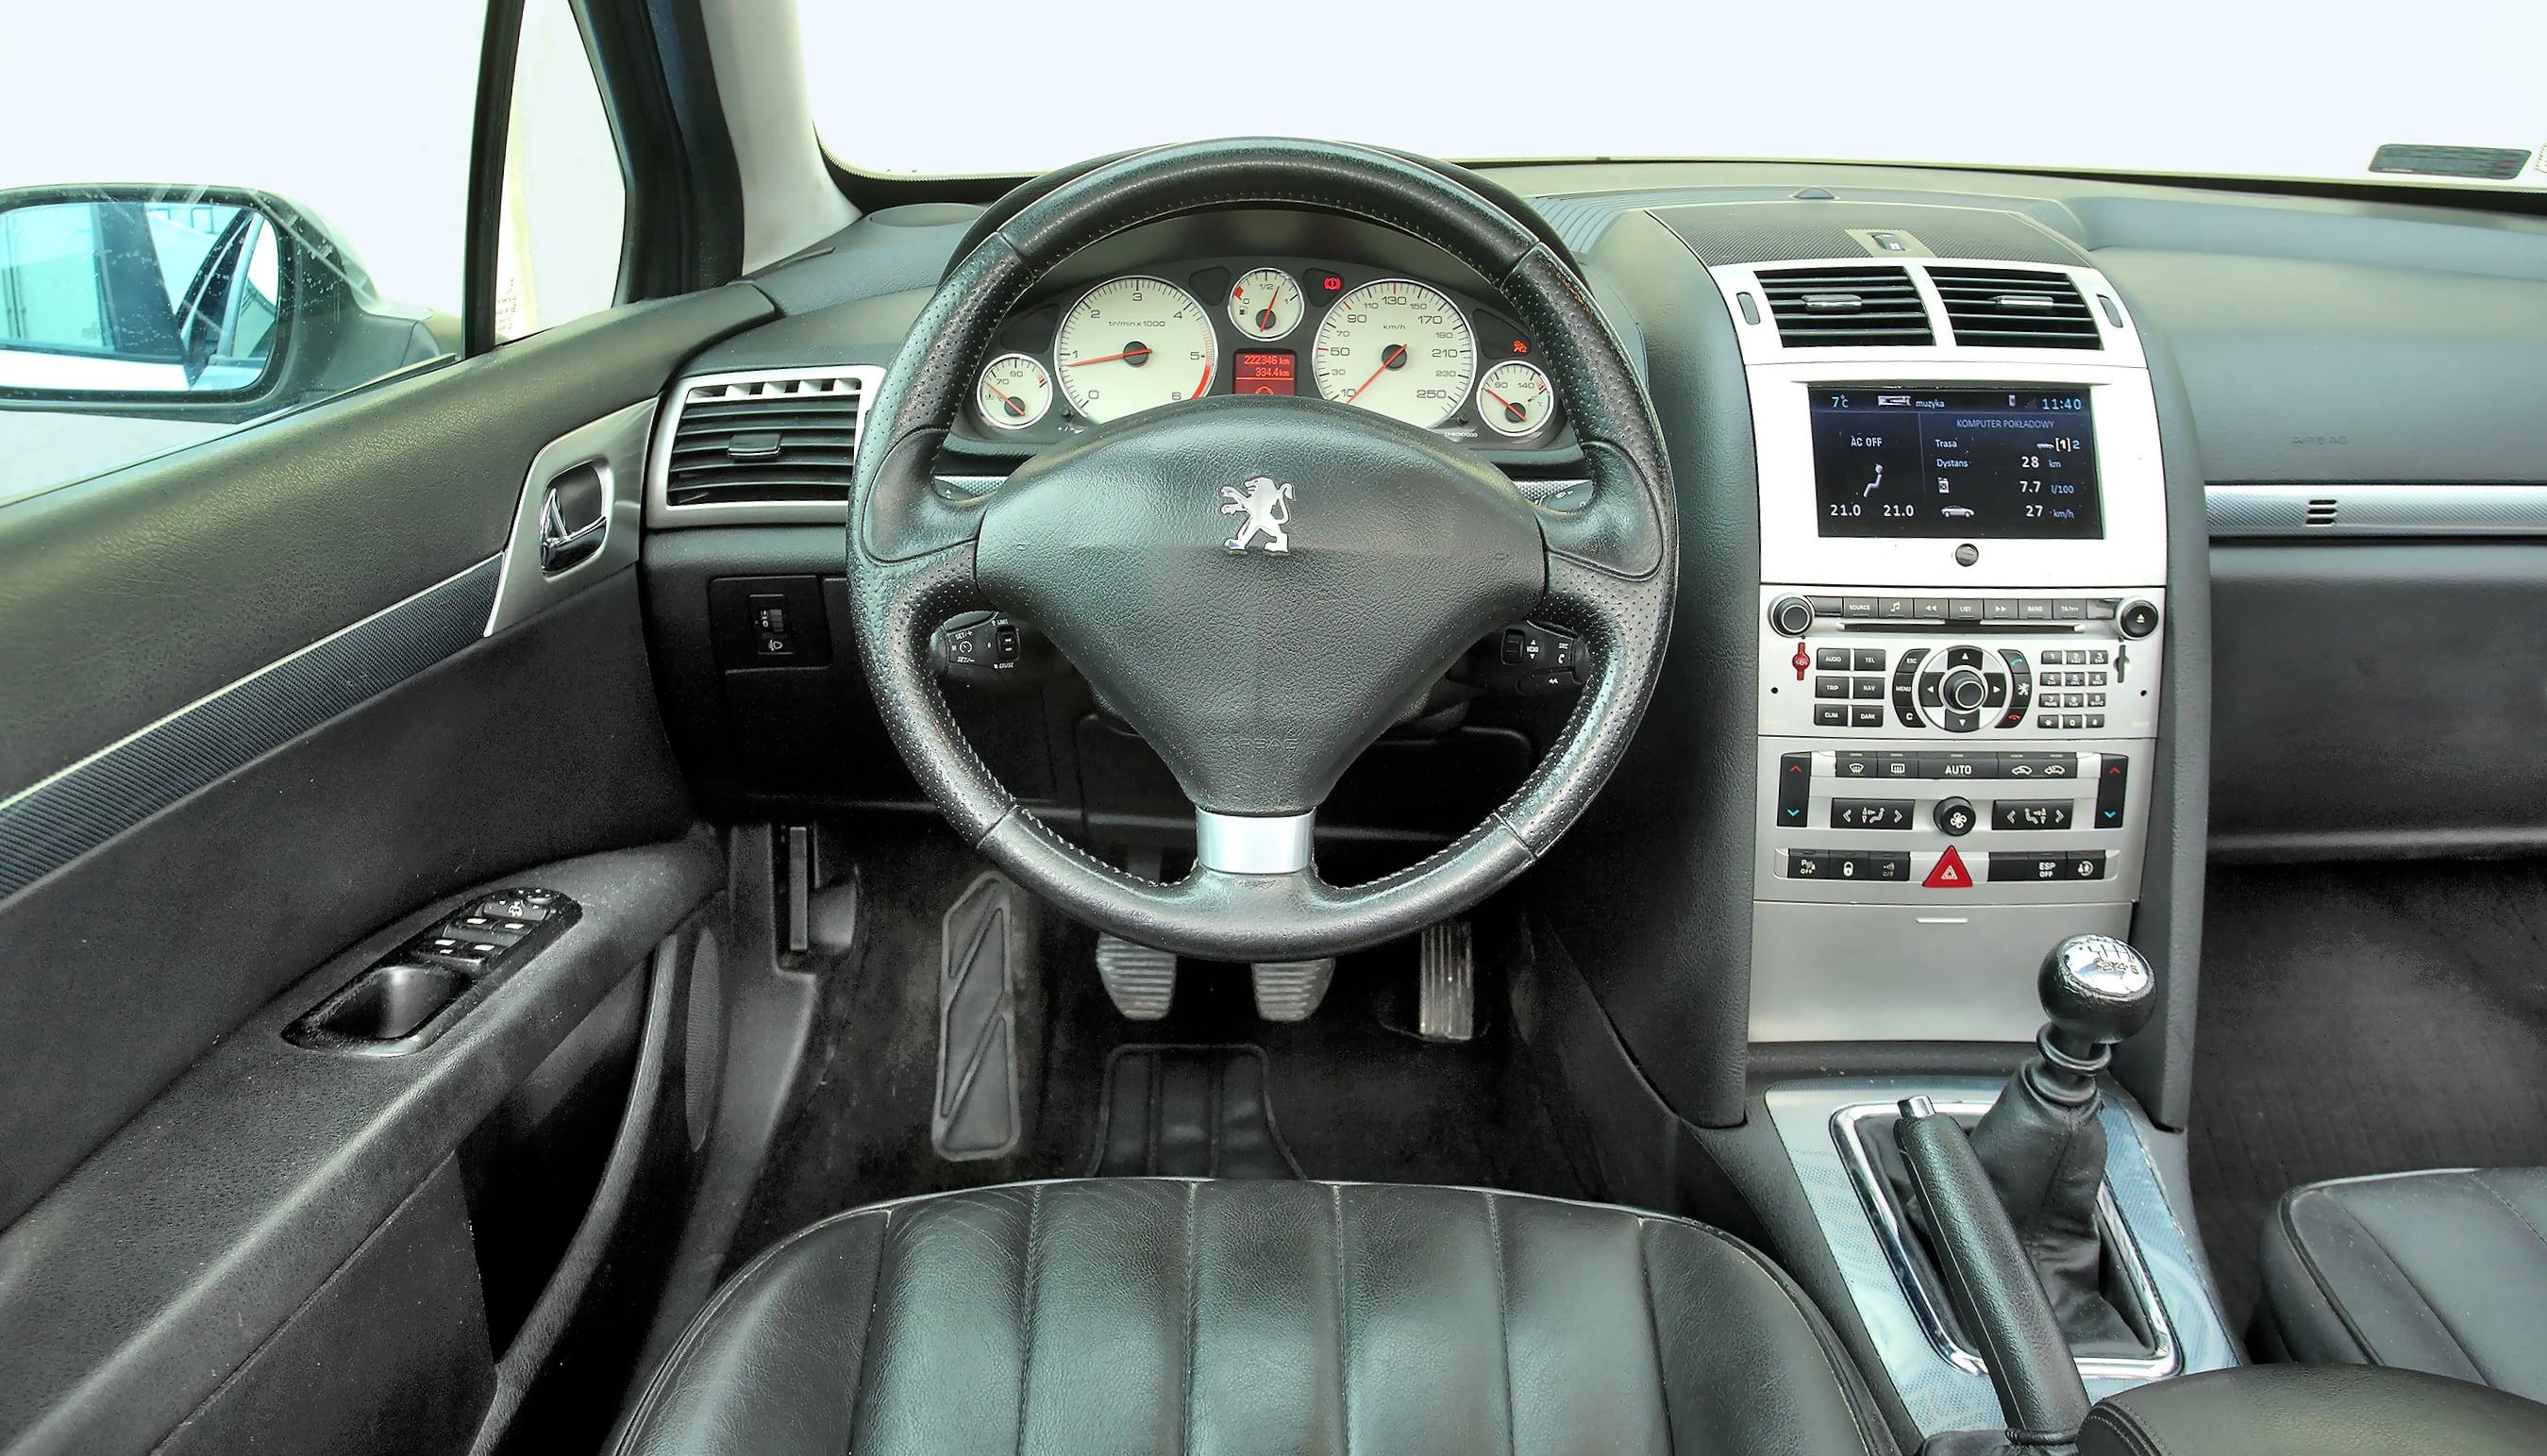 Peugeot 407 SW deska rozdzielcza